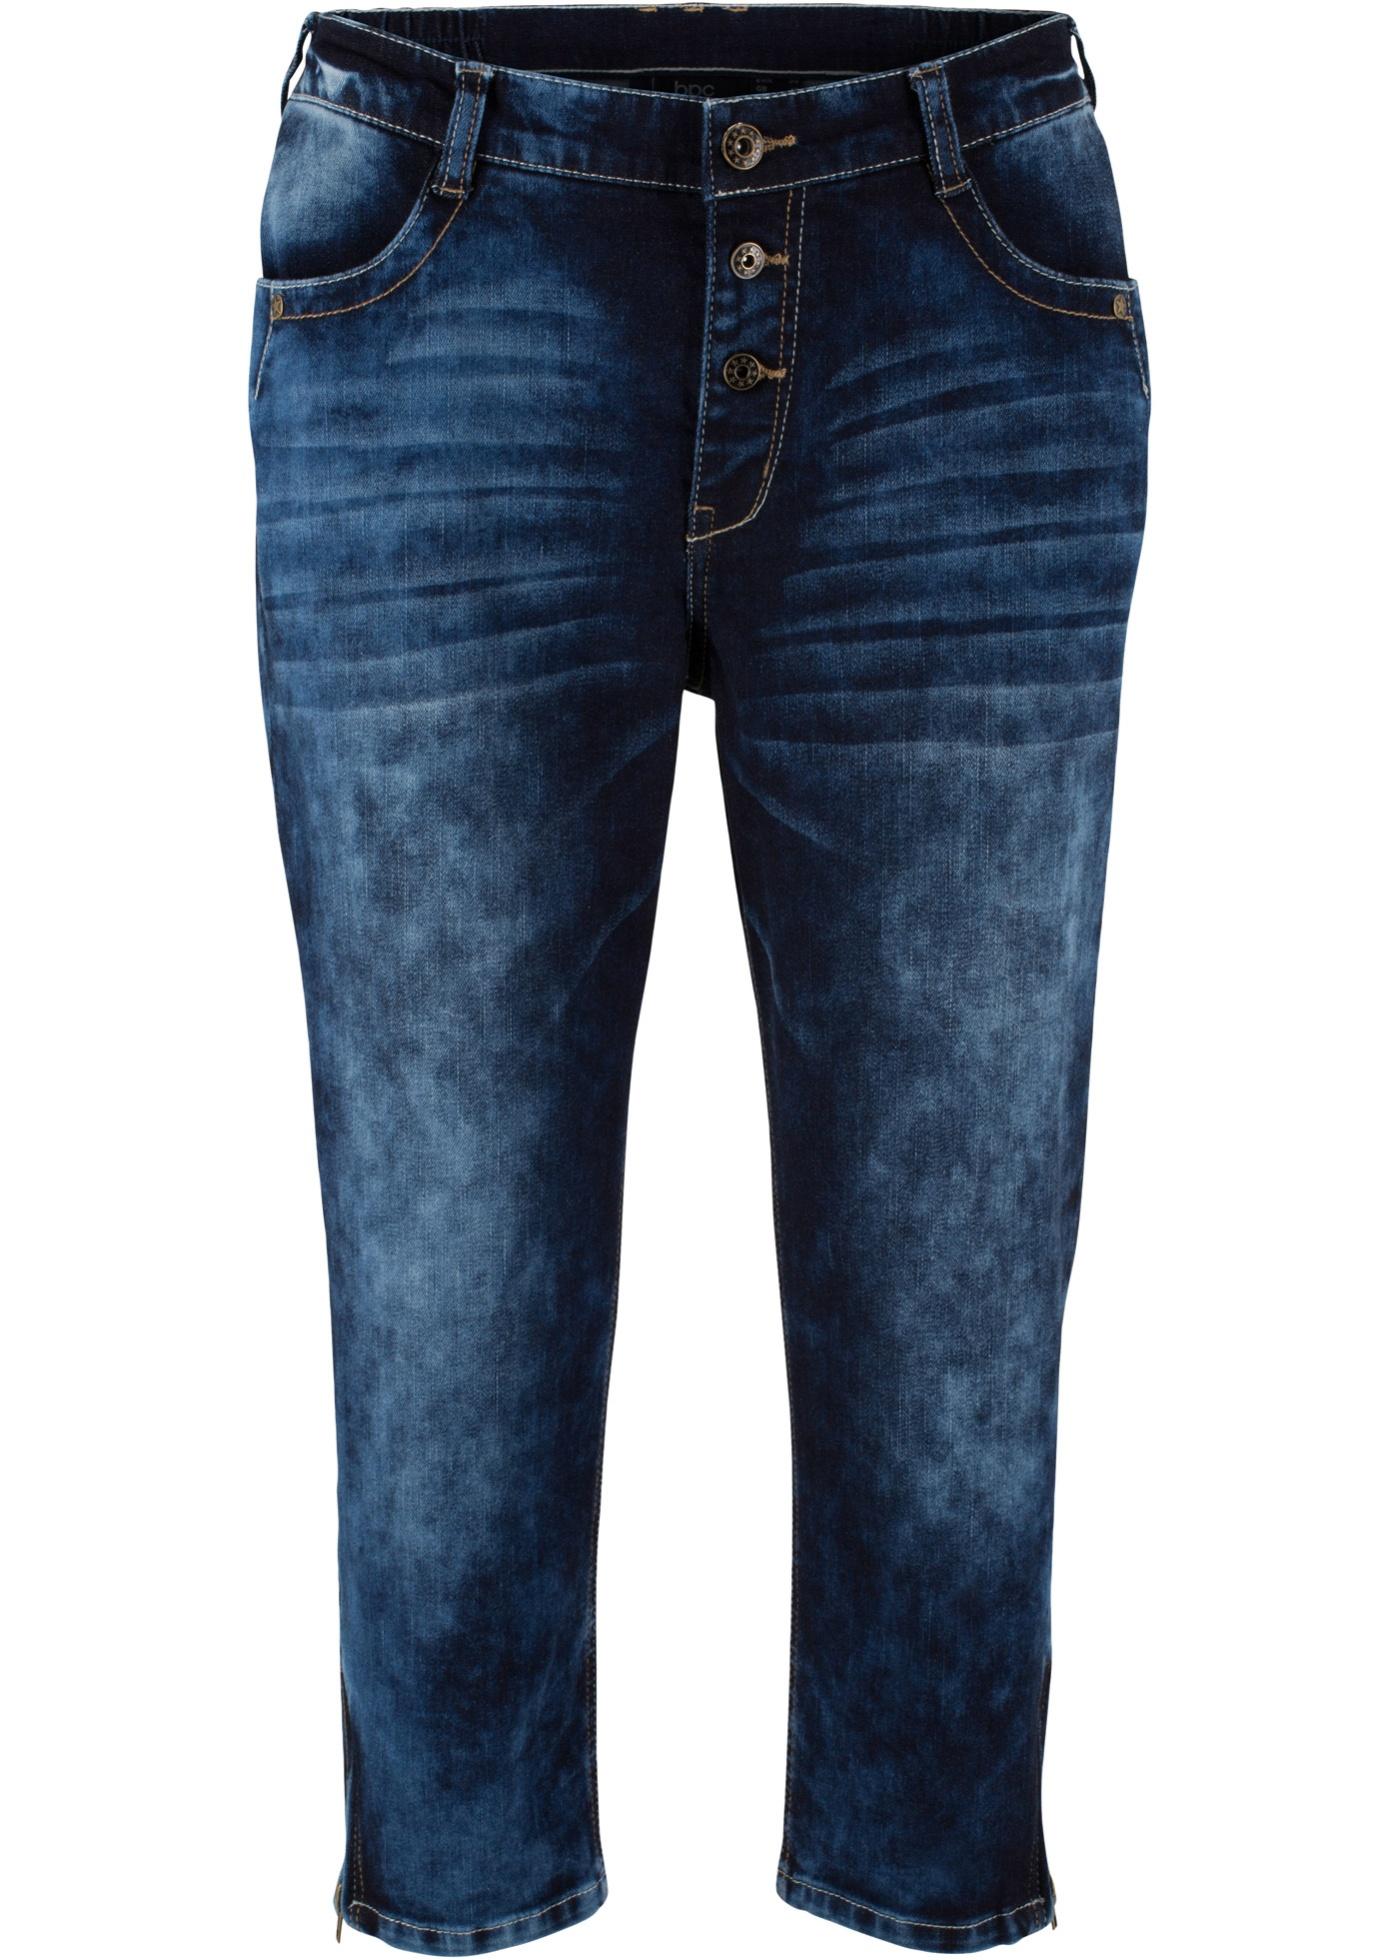 Bilde av 3/4-Boyfriend-jeans med stretch